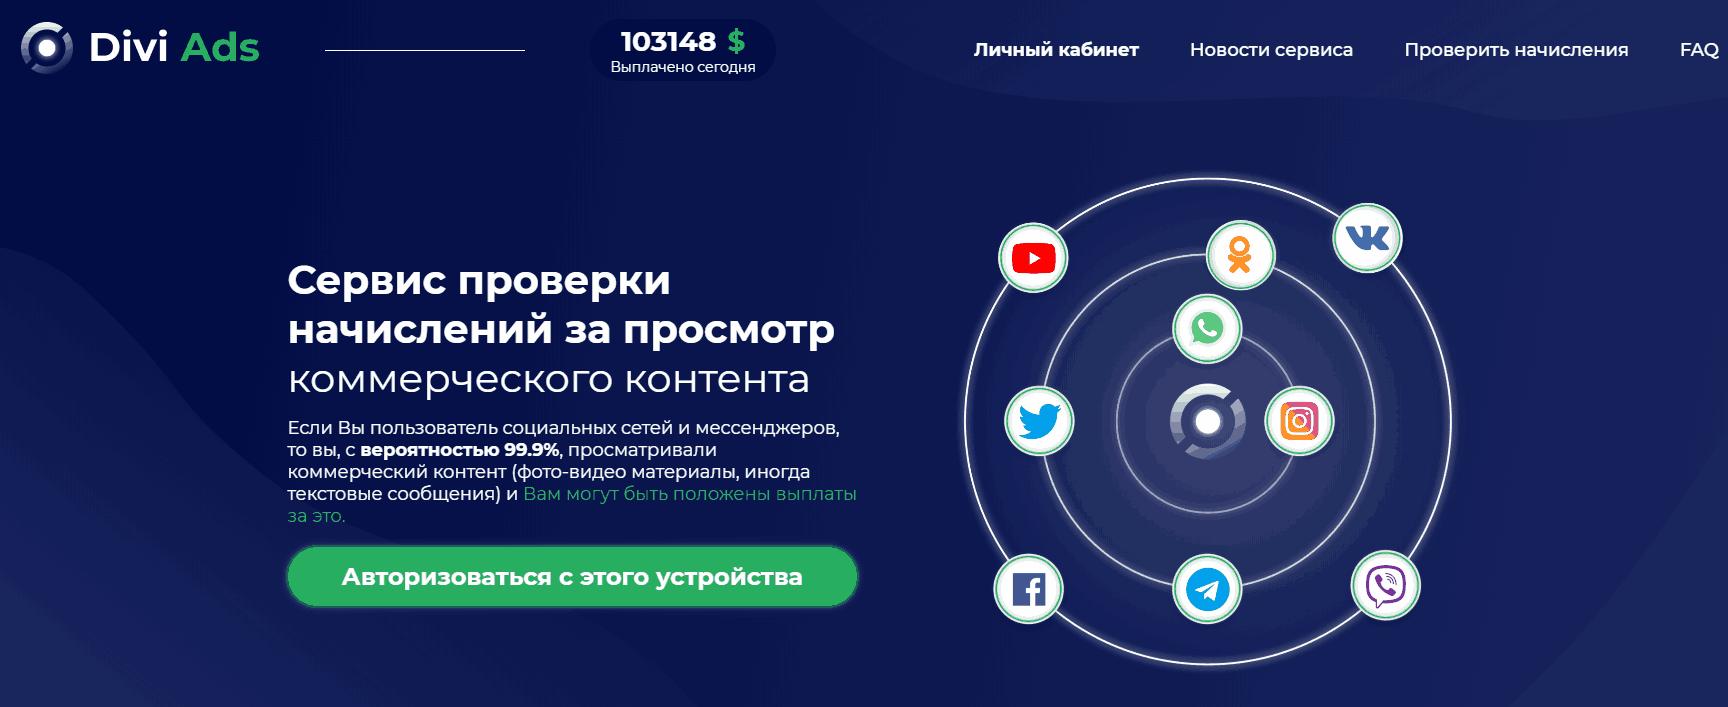 Divi3payment сайт компании